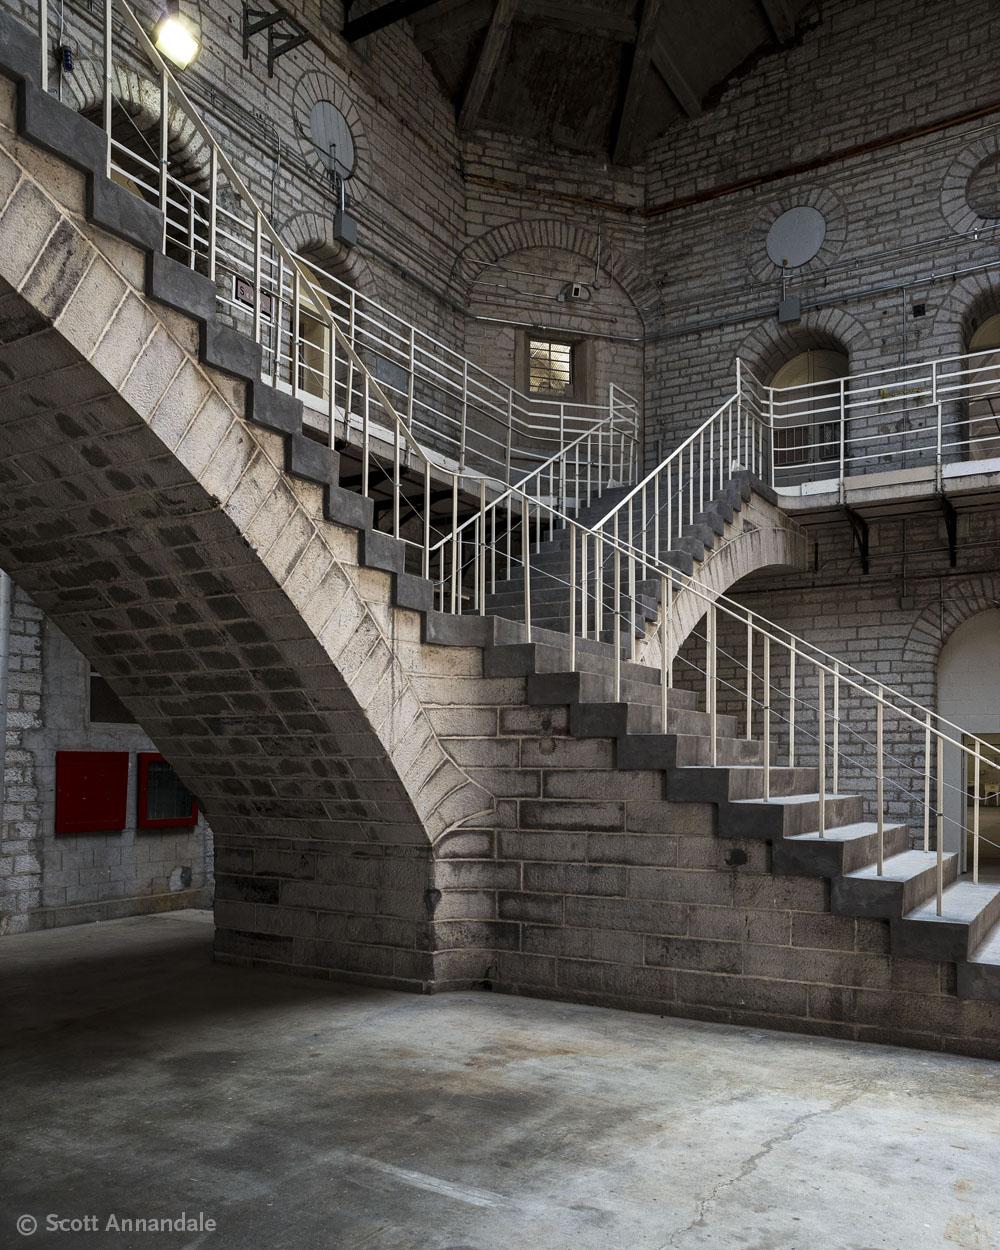 Stairway, Kingston Penitentiary